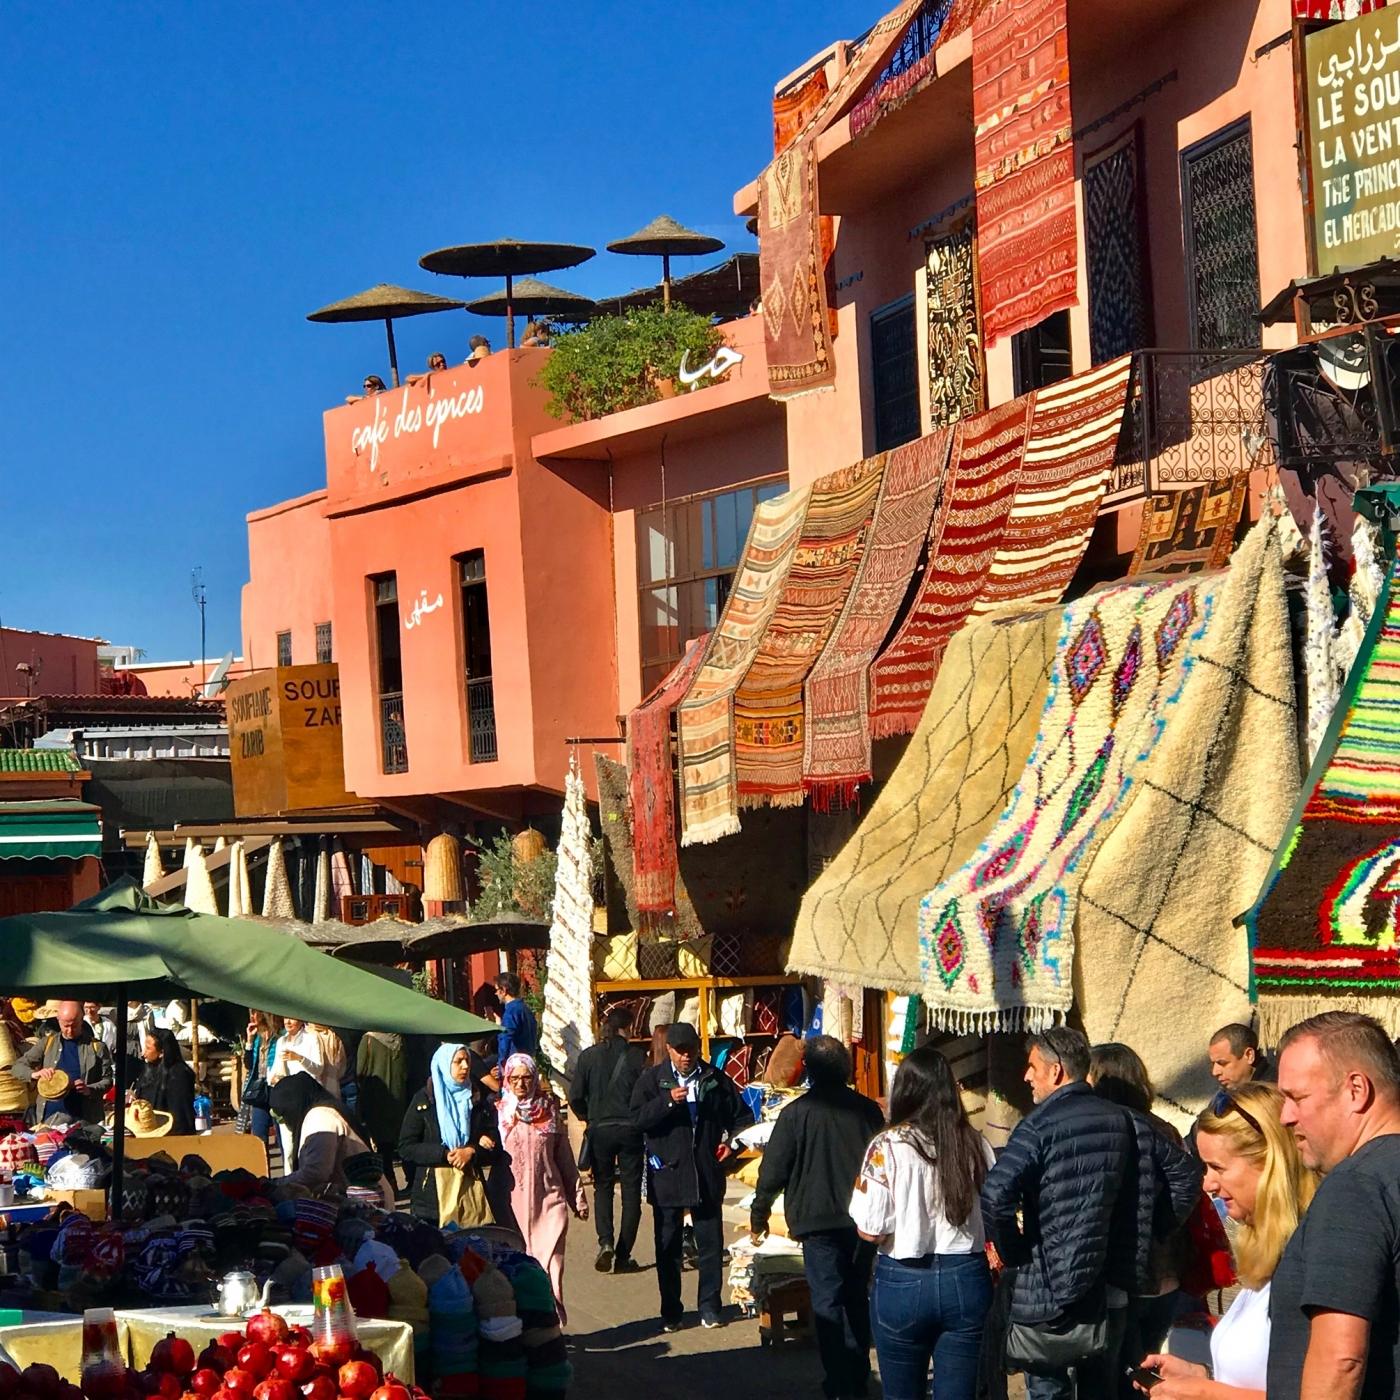 Marrakesch - Place des Epices